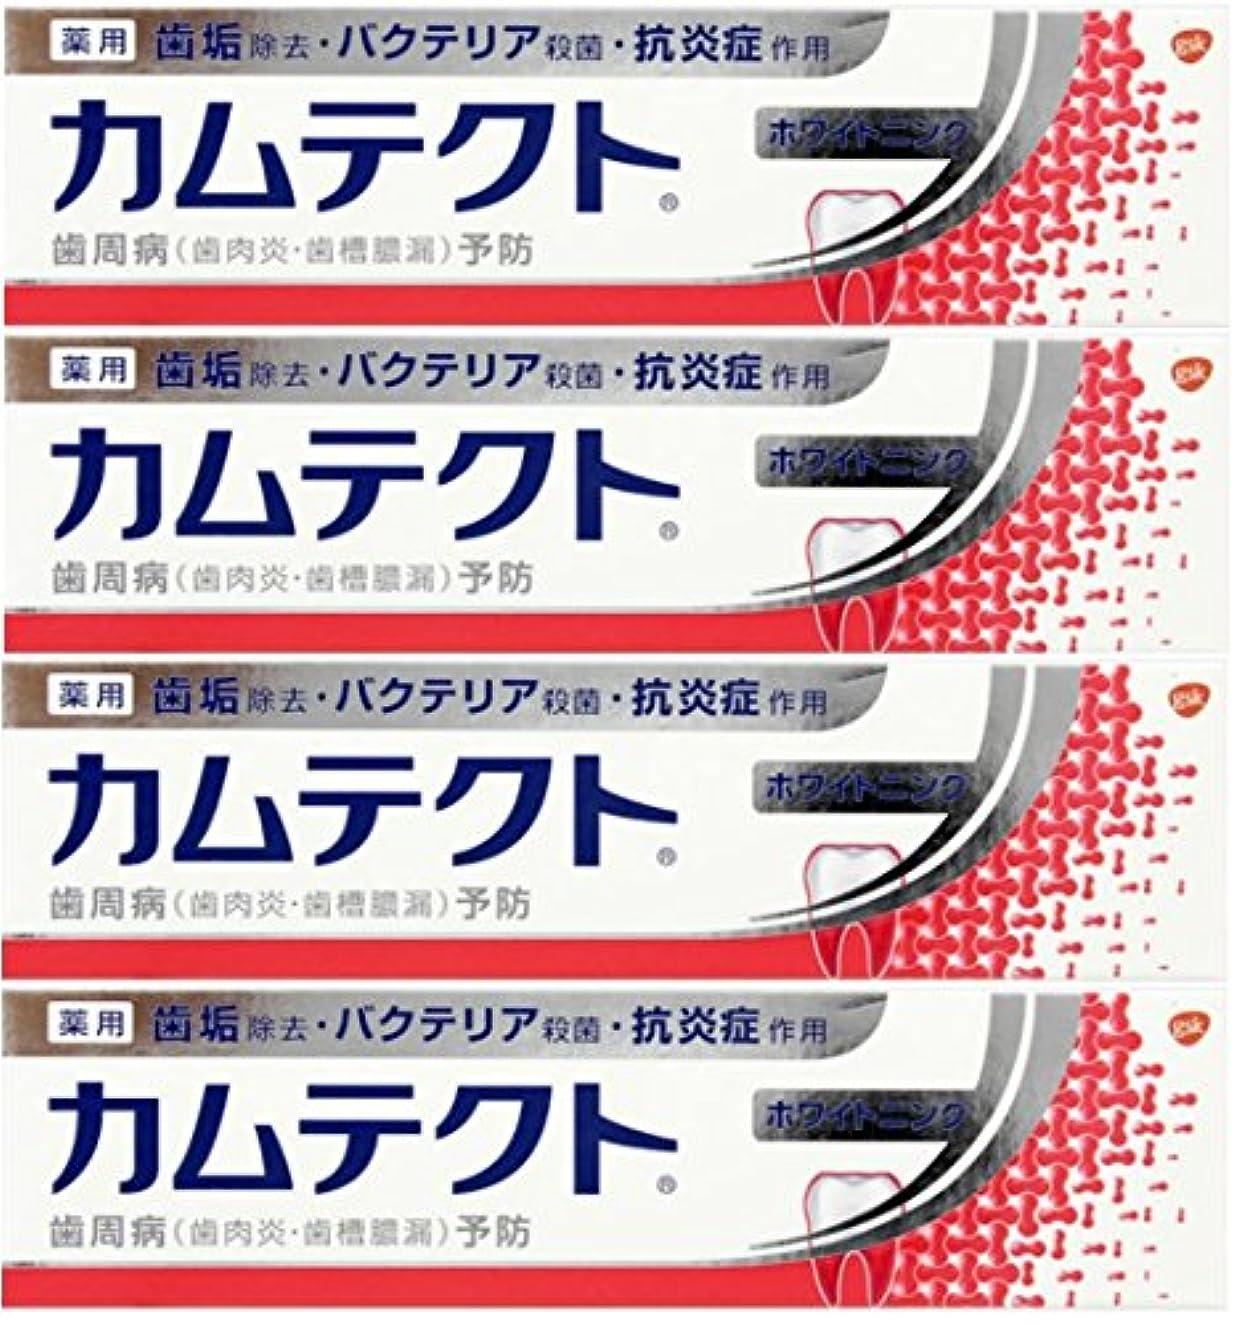 承認する緩やかなメガロポリス【まとめ買い】カムテクト ホワイトニング 歯周病(歯肉炎?歯槽膿漏) 予防 歯みがき粉 105g×4個